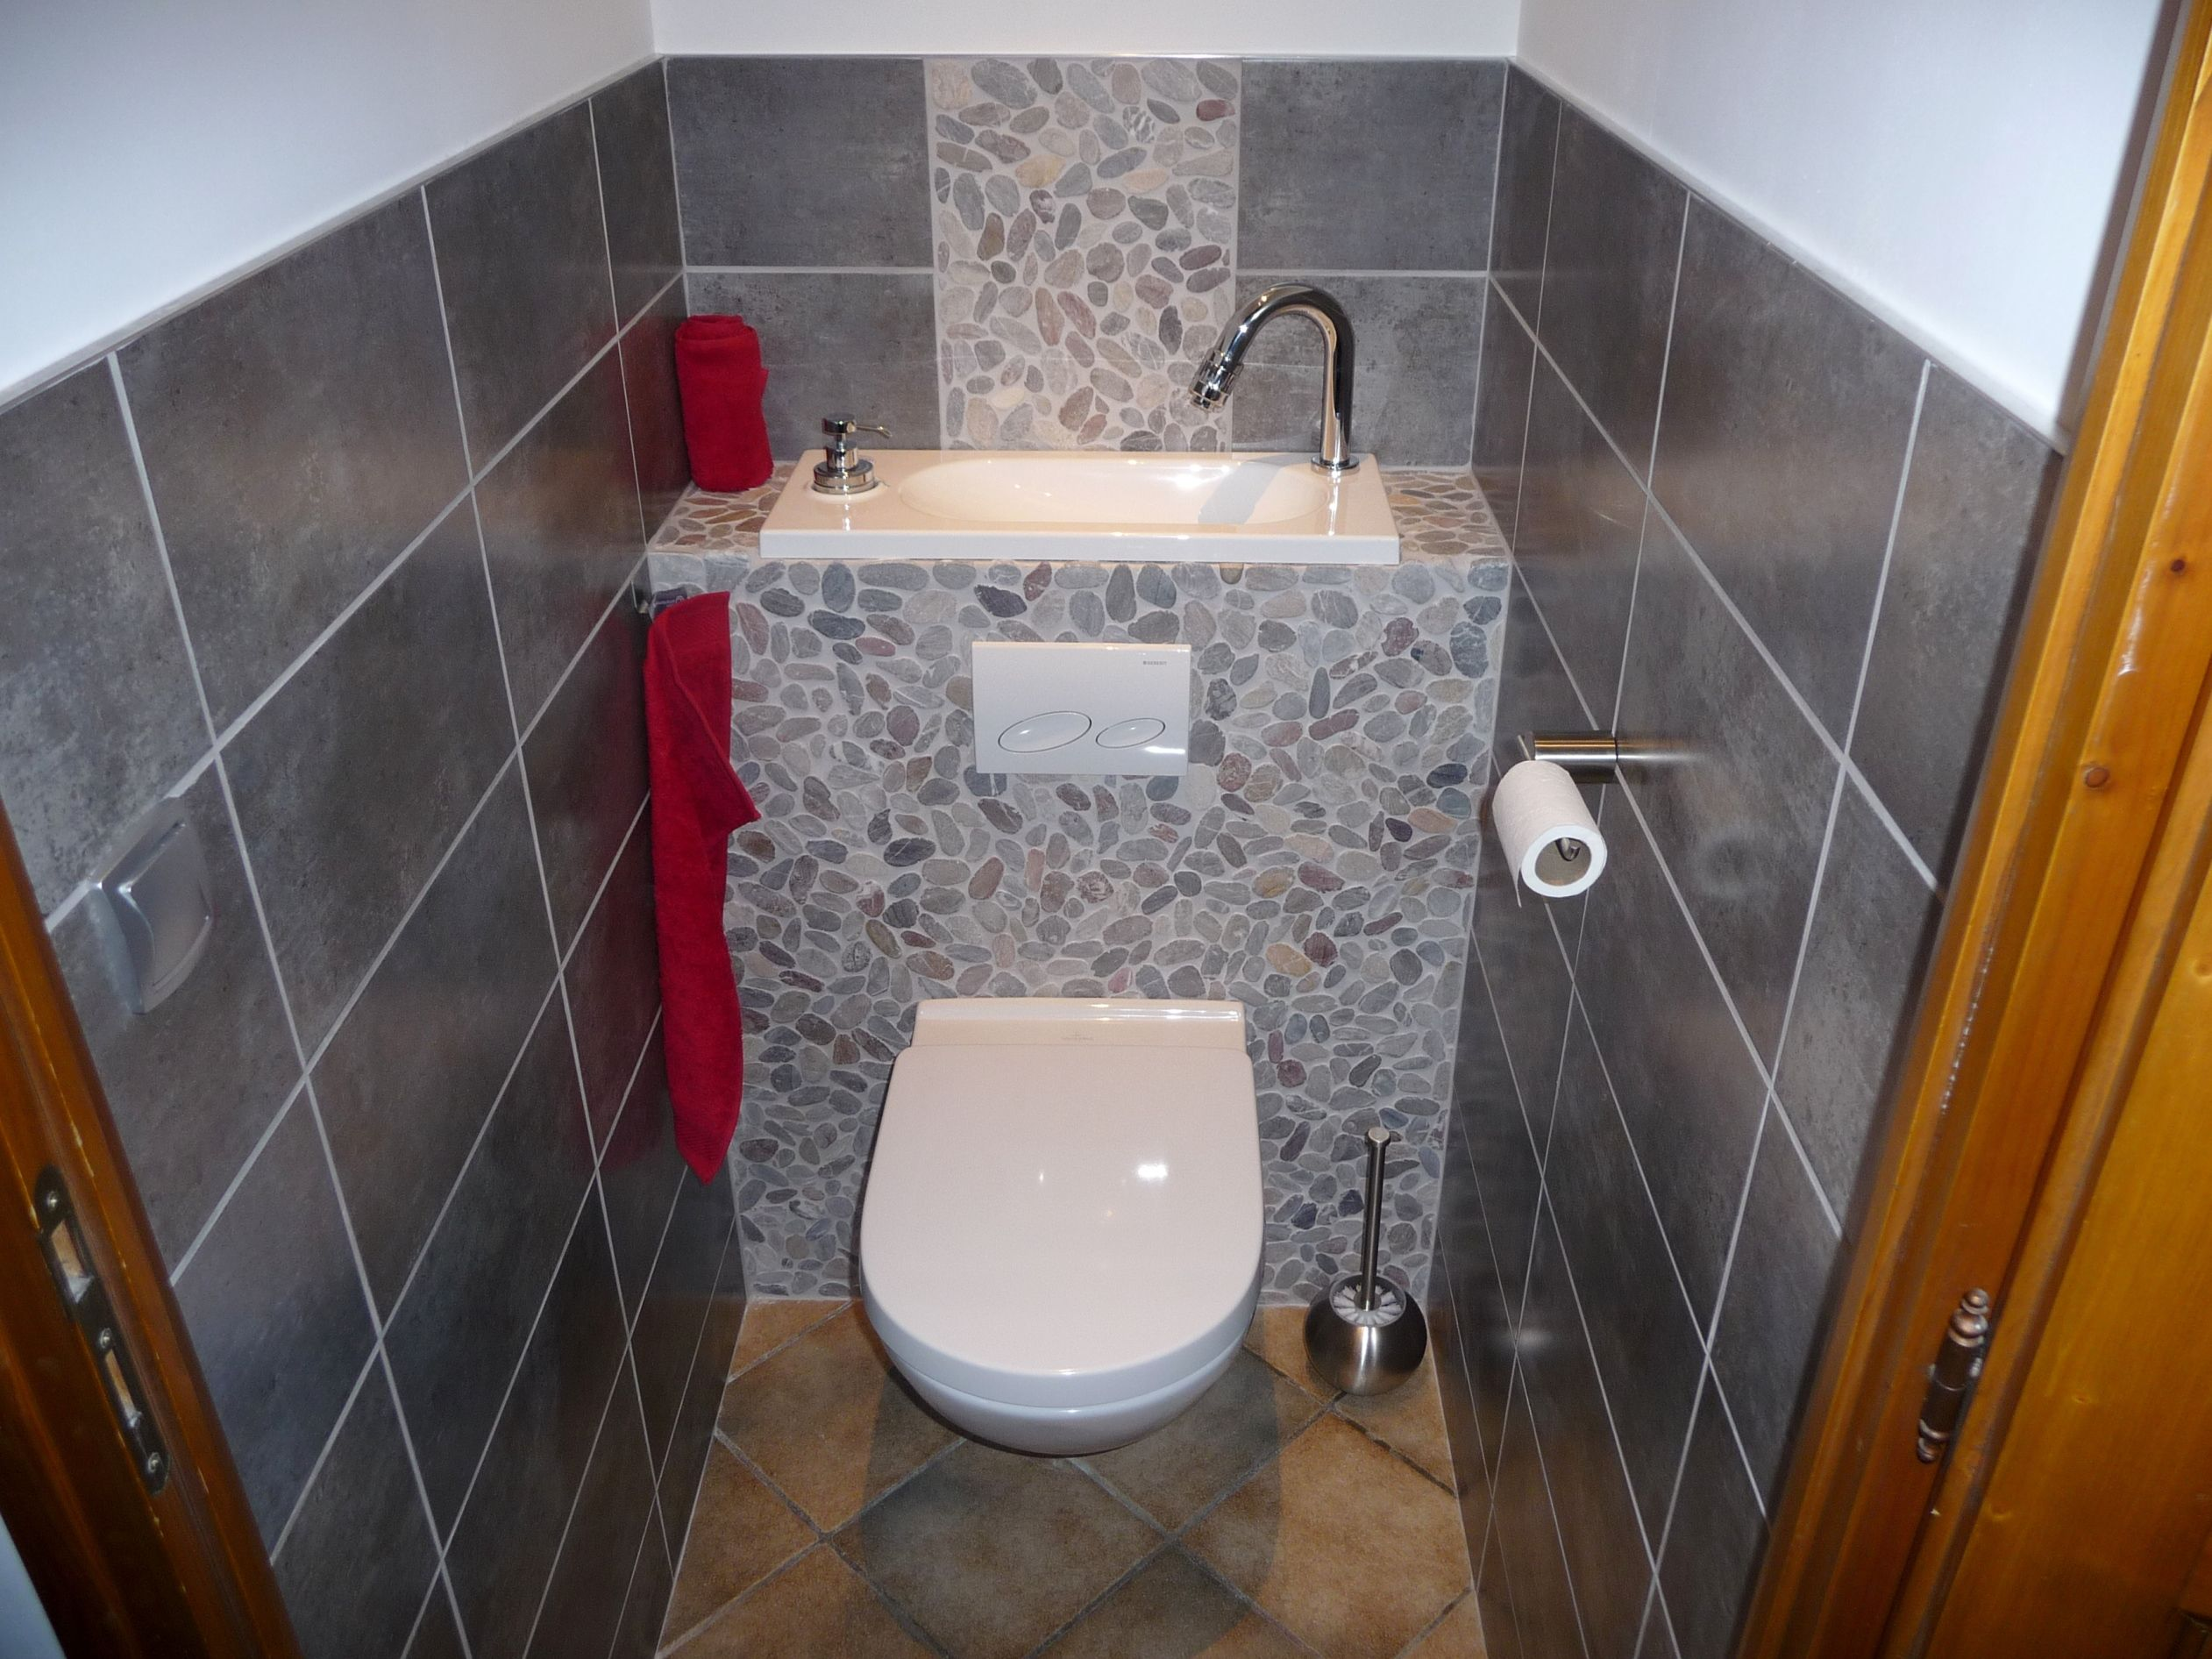 idee voor kleine wc-ruimte, wastafel boven toilet | to let ideas ...